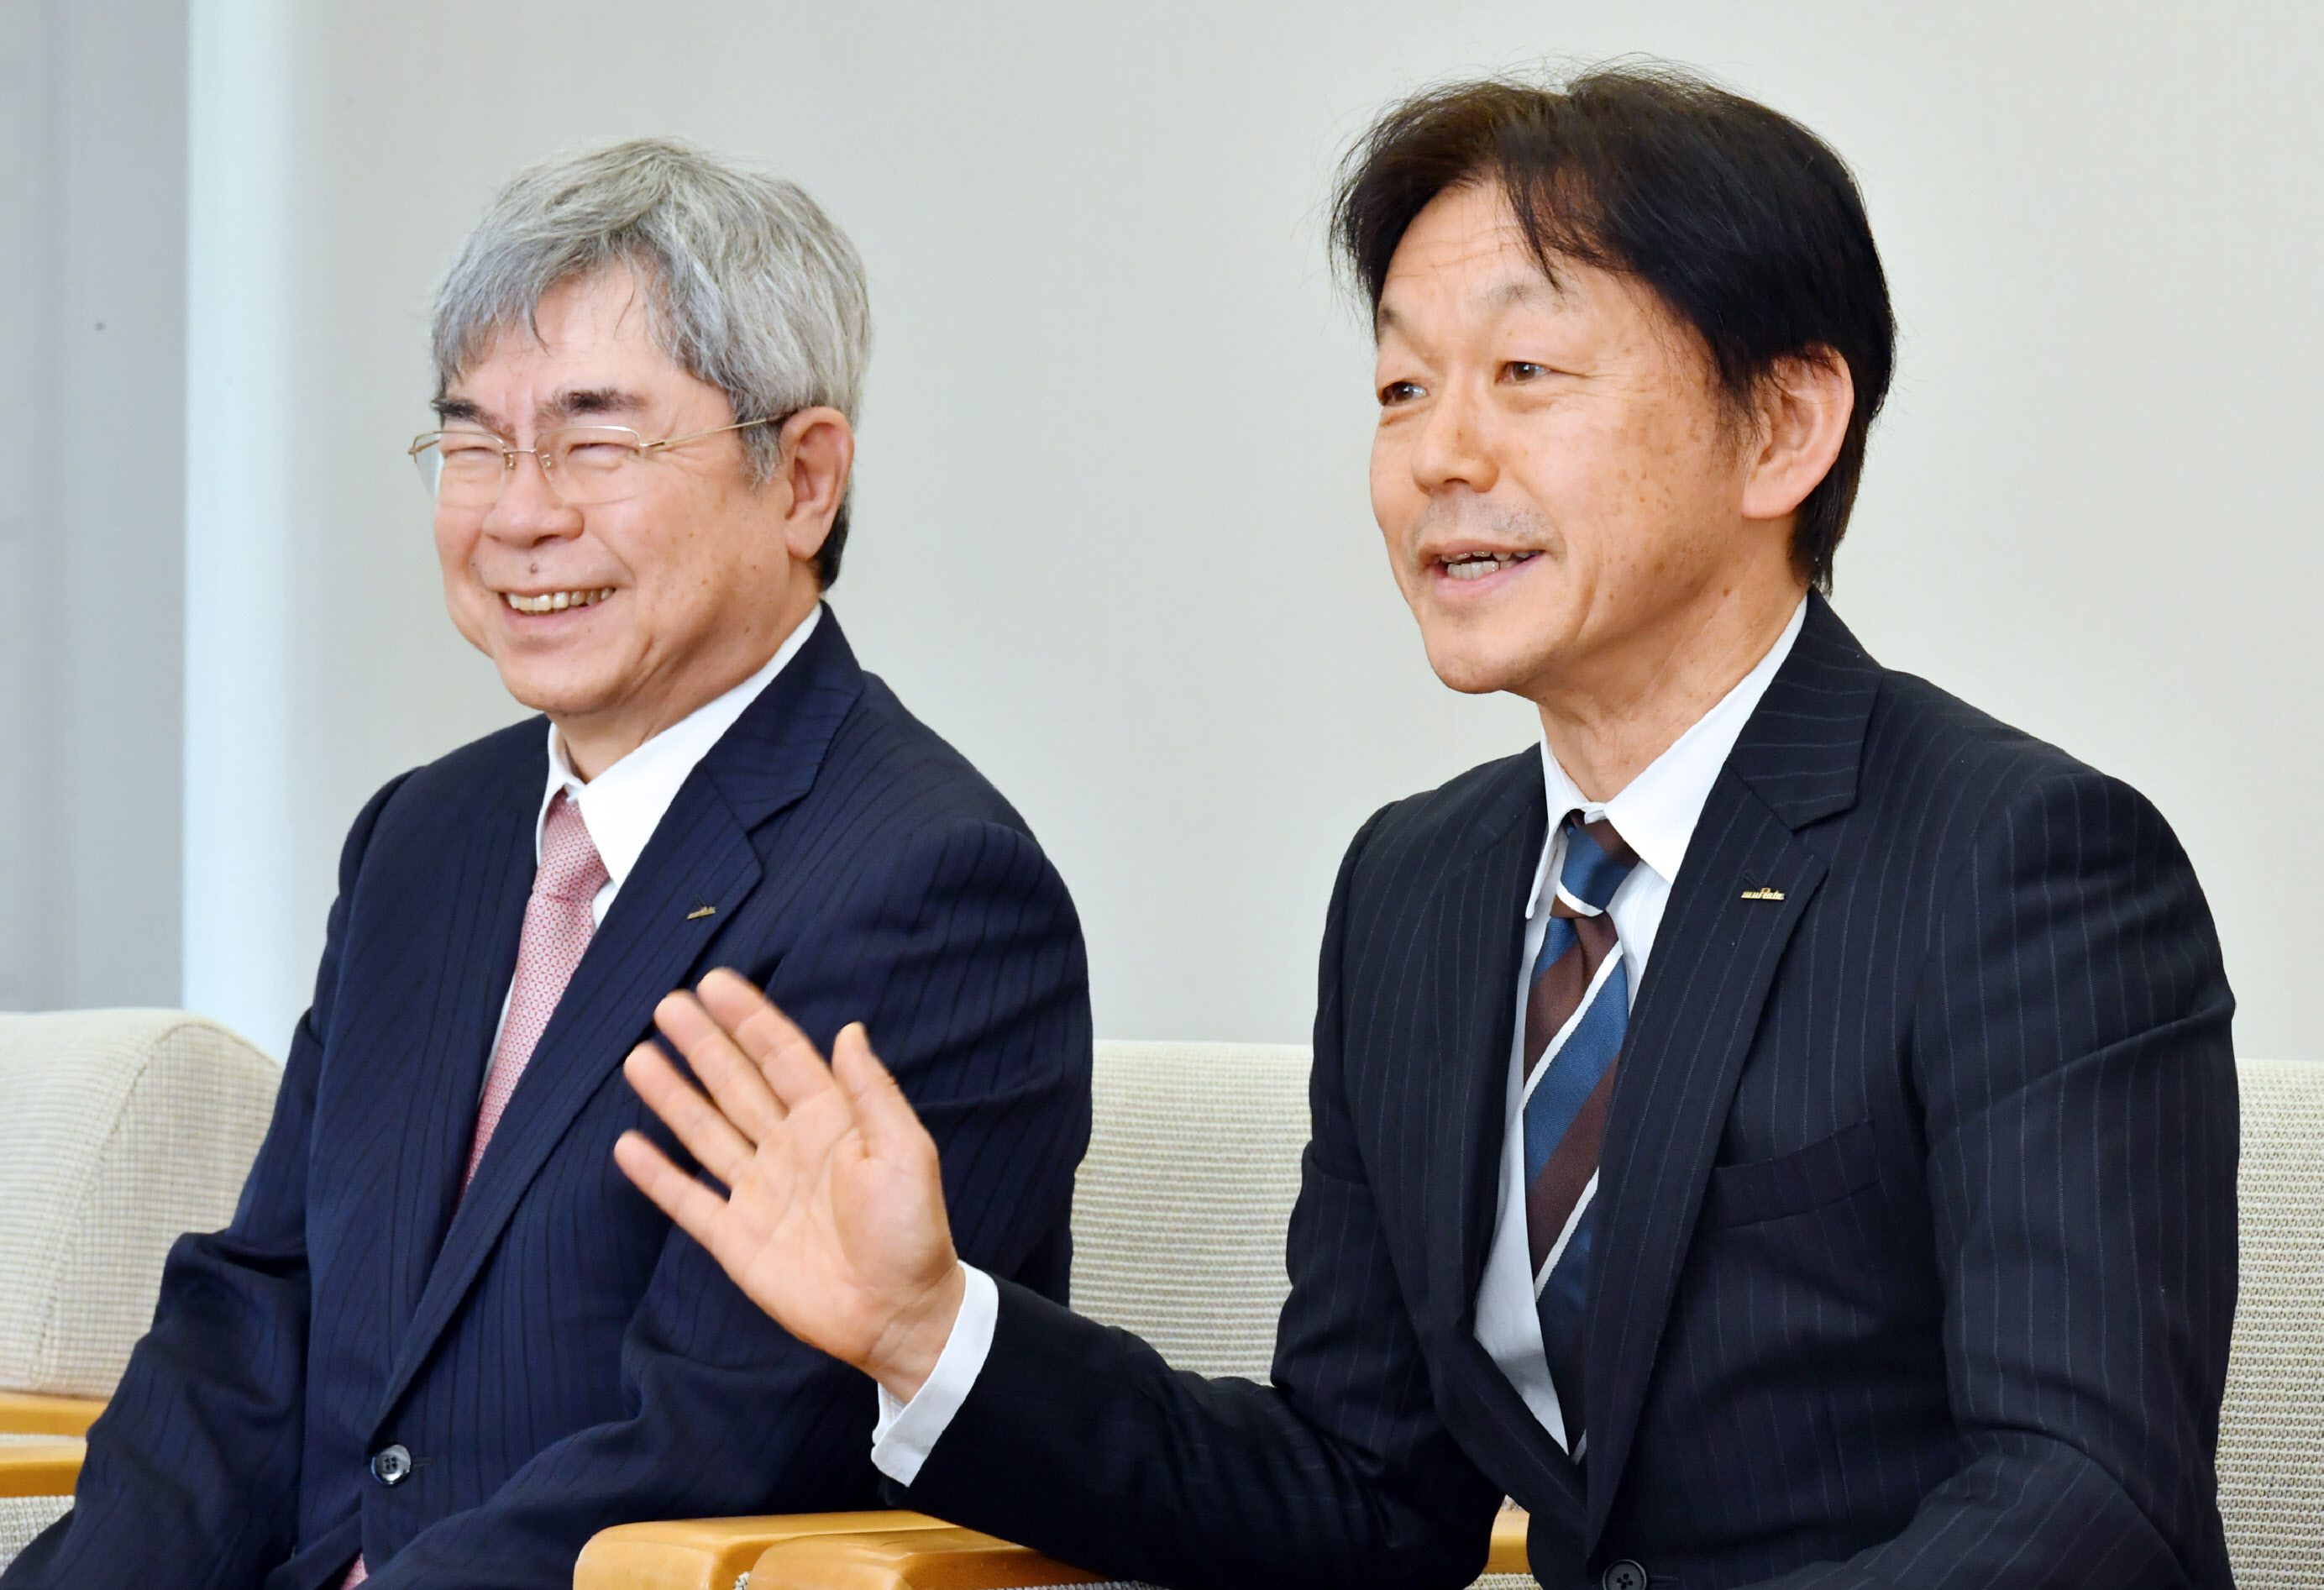 村田製作所の村田恒夫会長(左)から初めて創業家以外の社長のバトンを引き継いだ